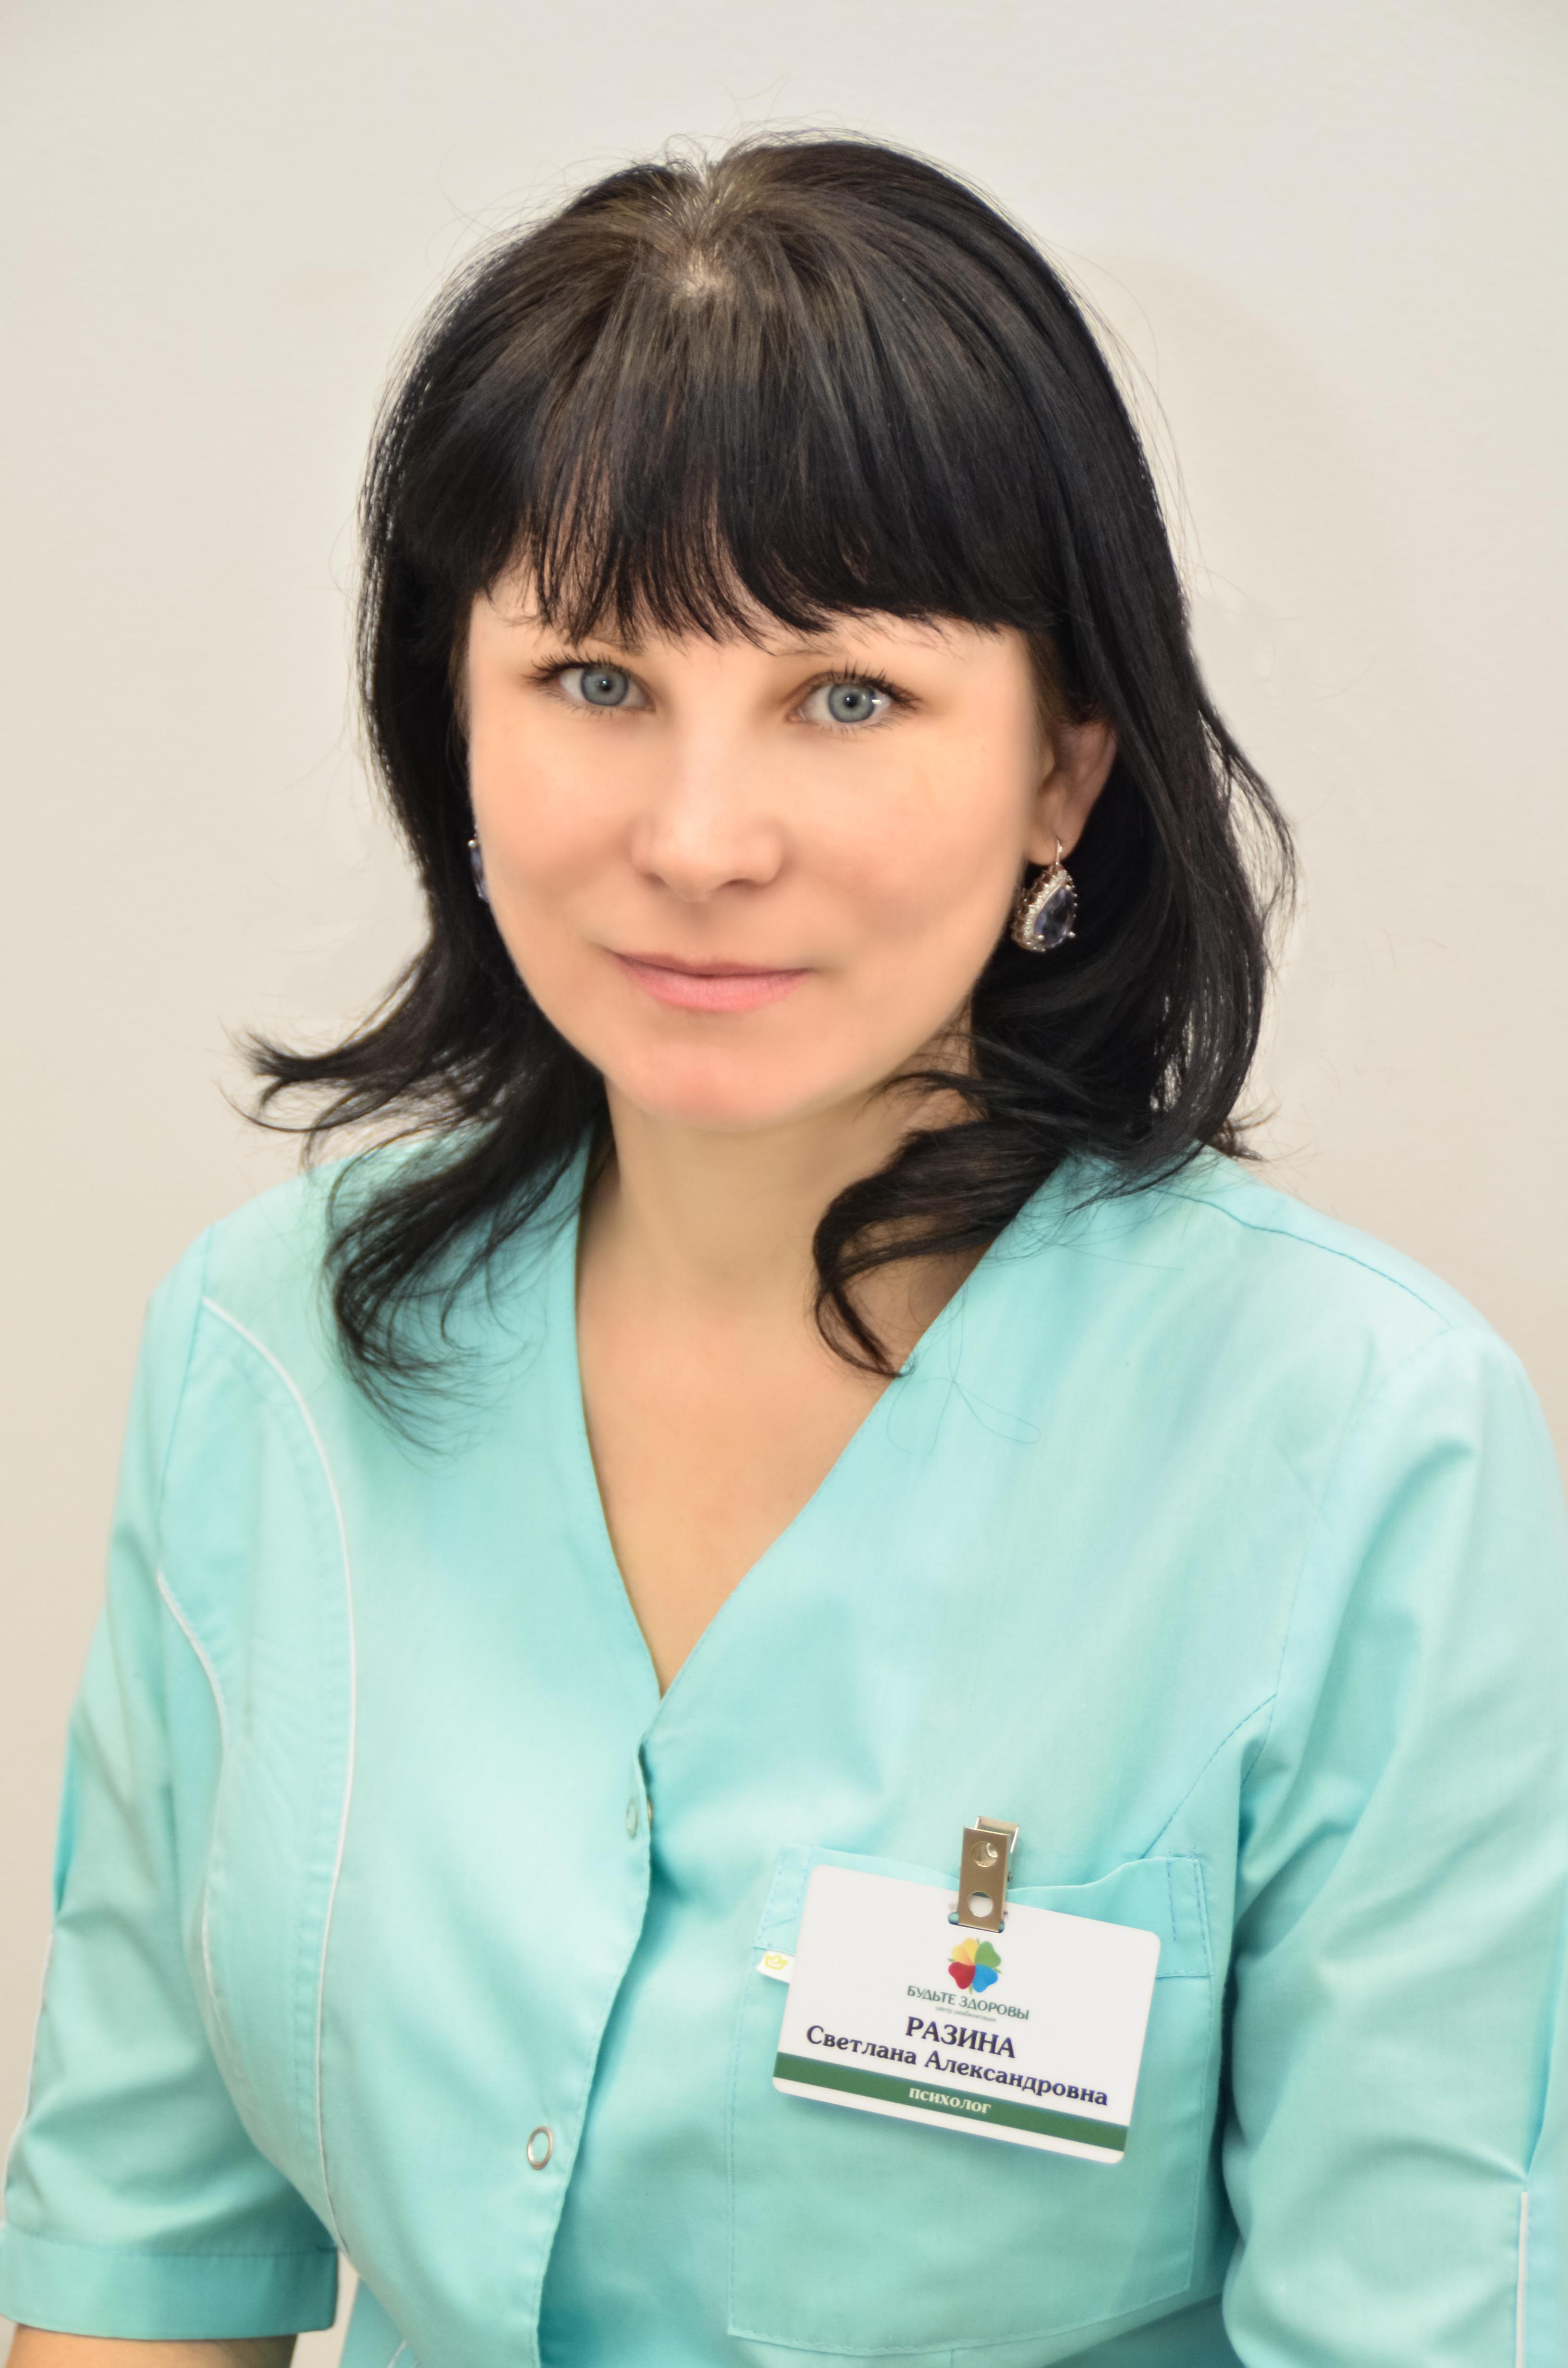 Разина Светлана Александровна